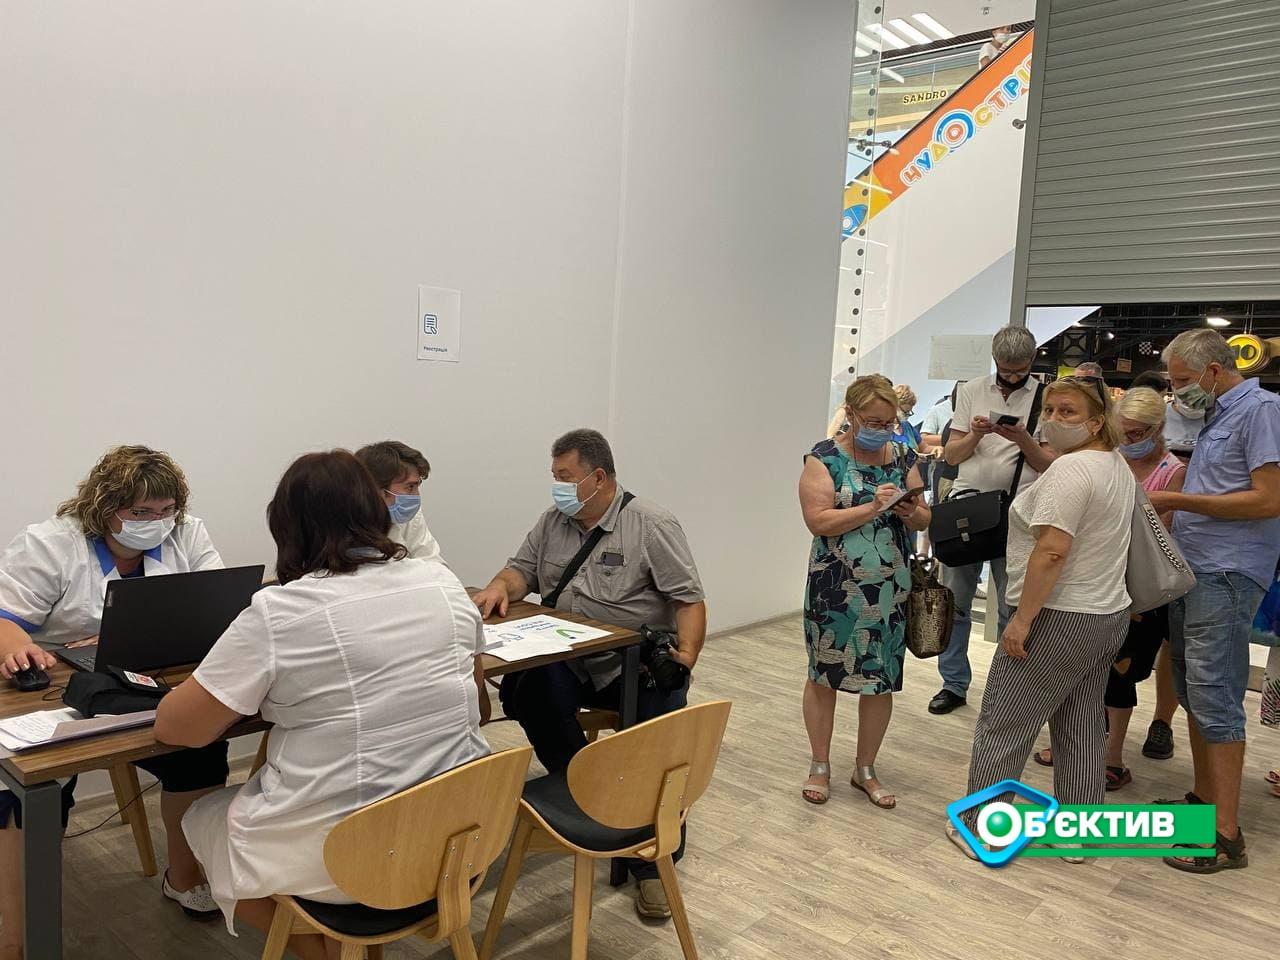 Первый день работы центров массовой вакцинации в двух харьковских ТРЦ начался без ажиотажа